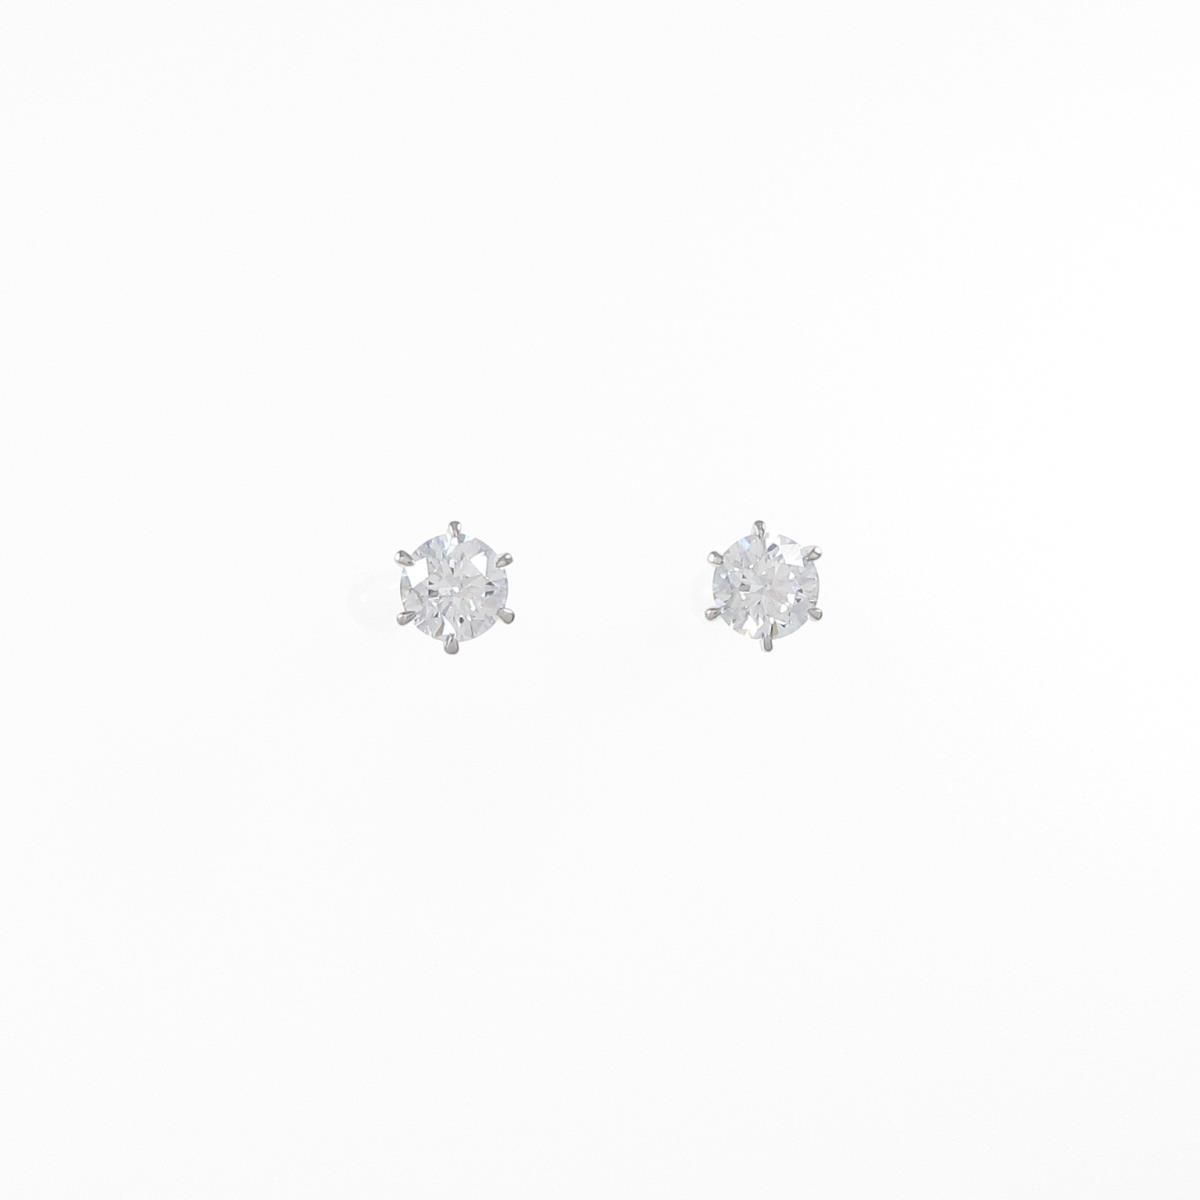 【リメイク】ST/プラチナダイヤモンドピアス 0.212ct・0.227ct・D・VS2・EXT H&C【中古】